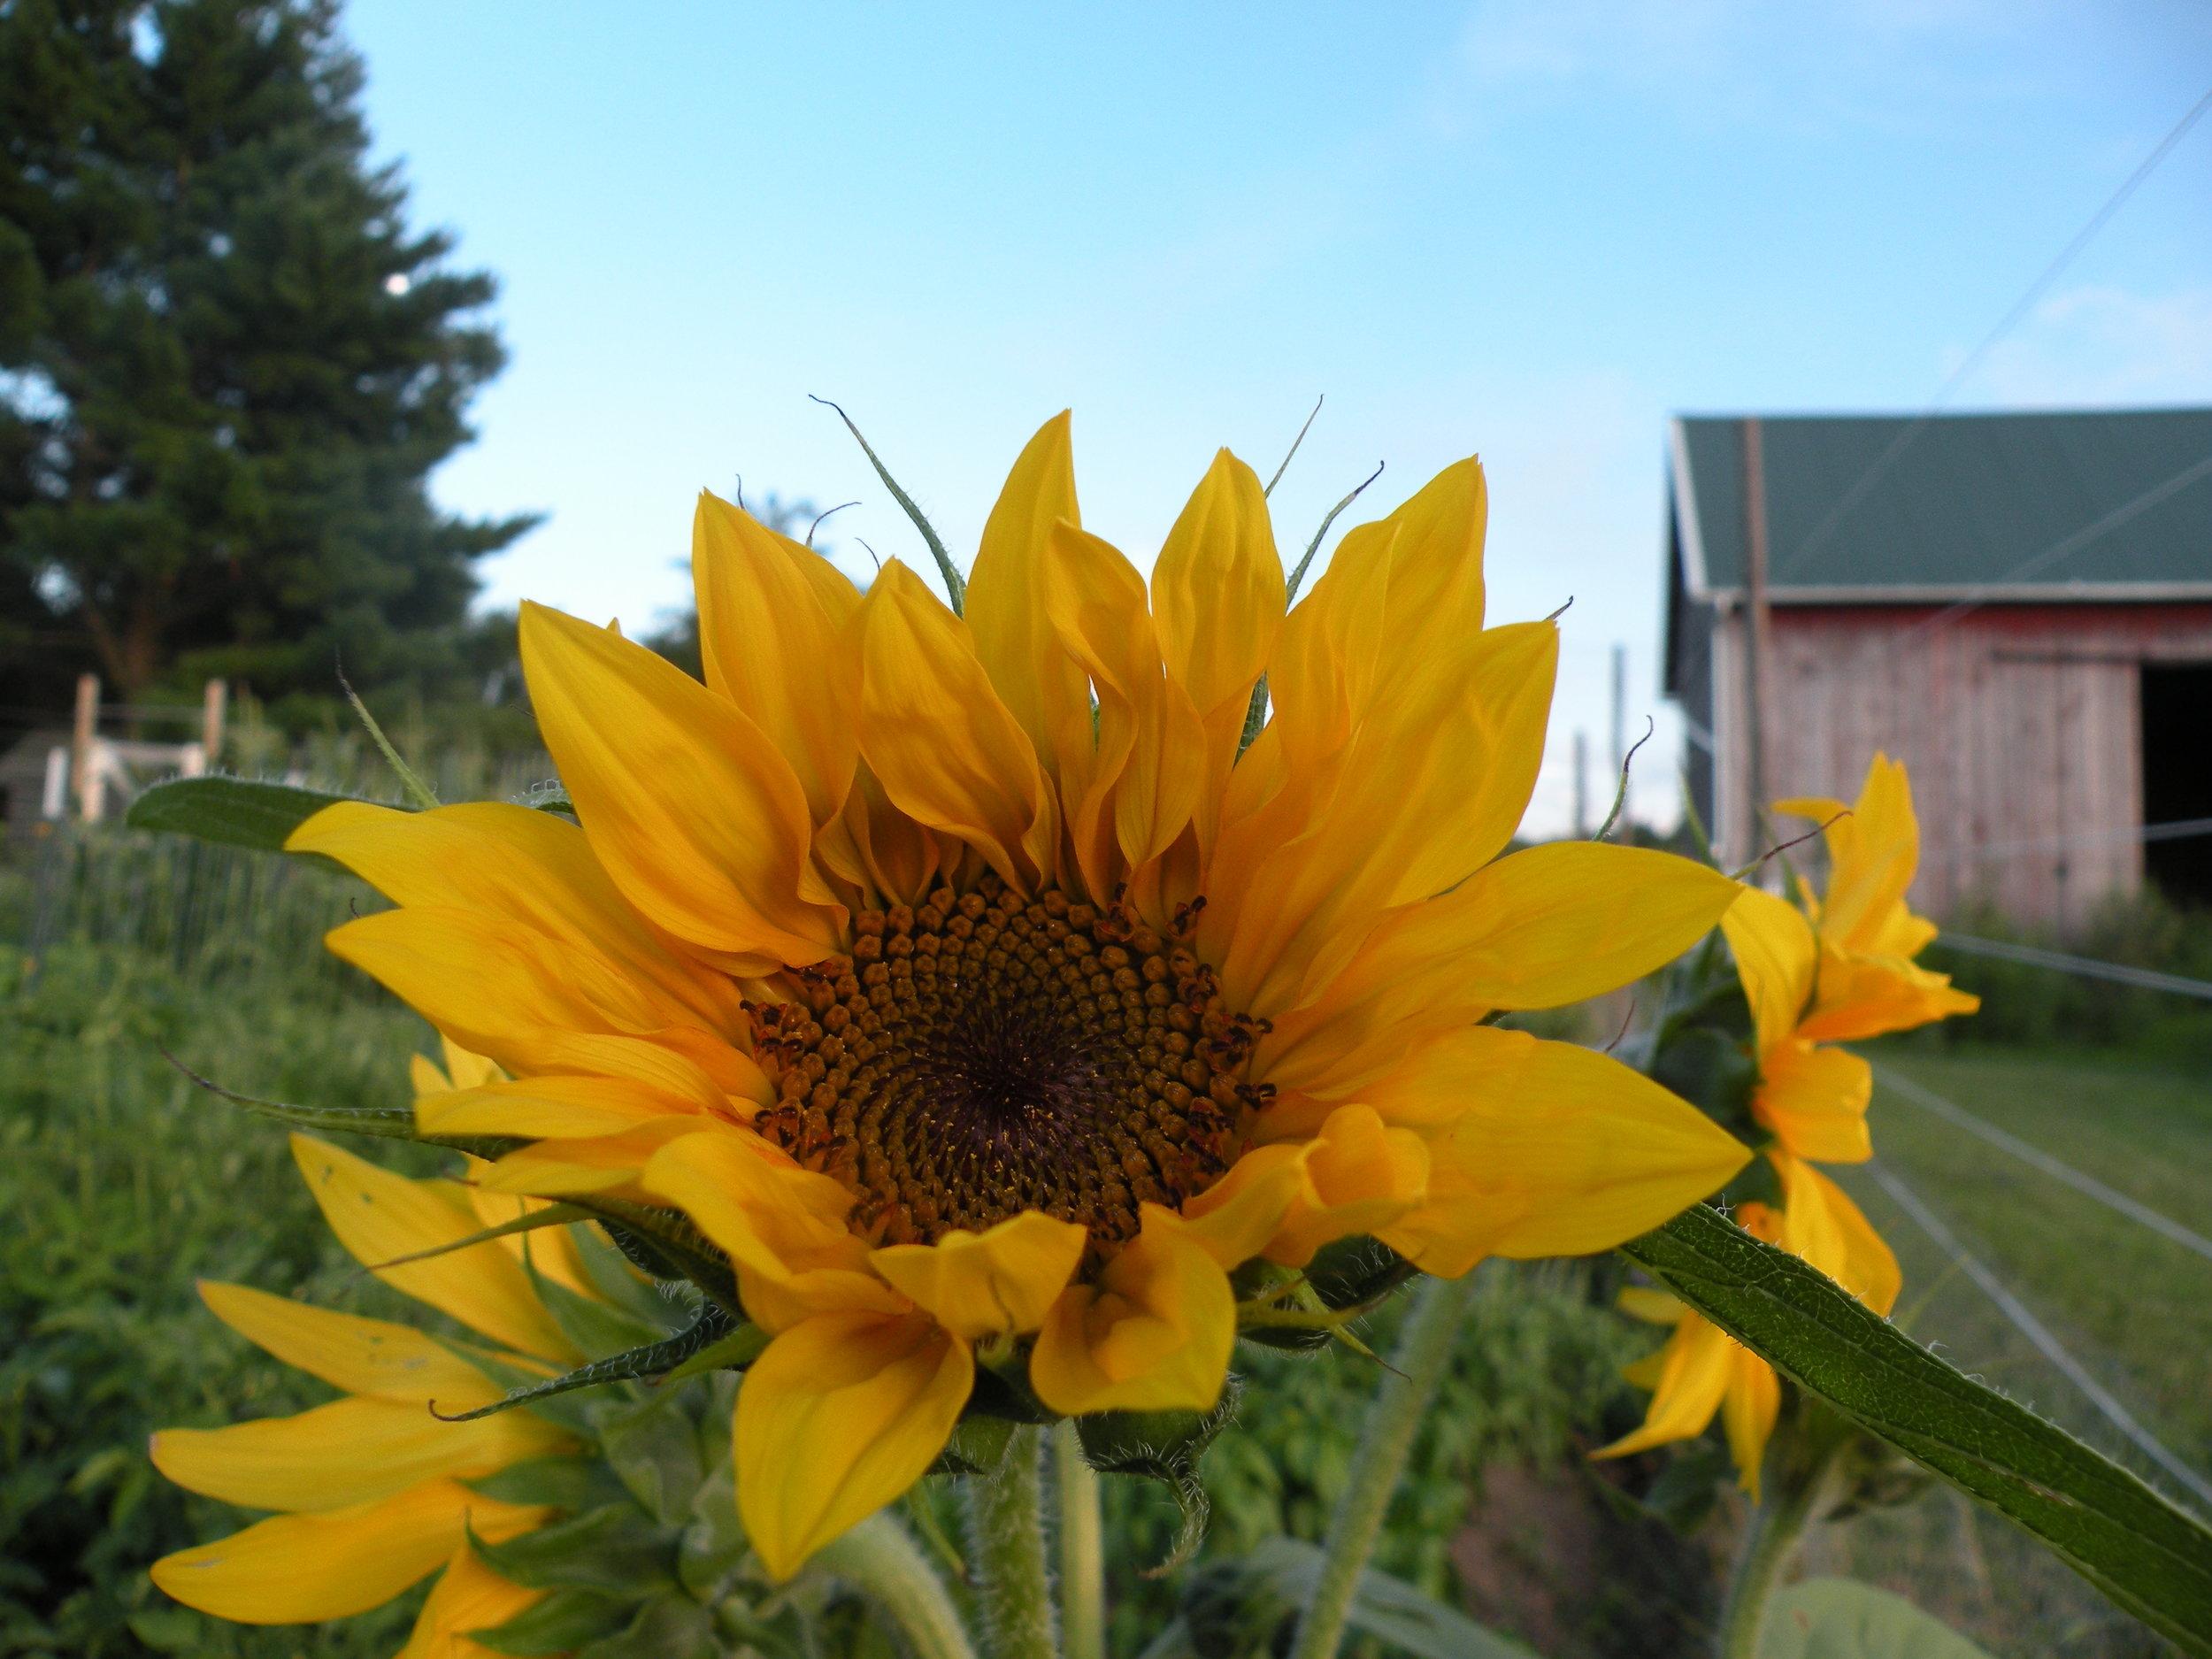 sunflower smiles 7 -1 6 - 16.jpg